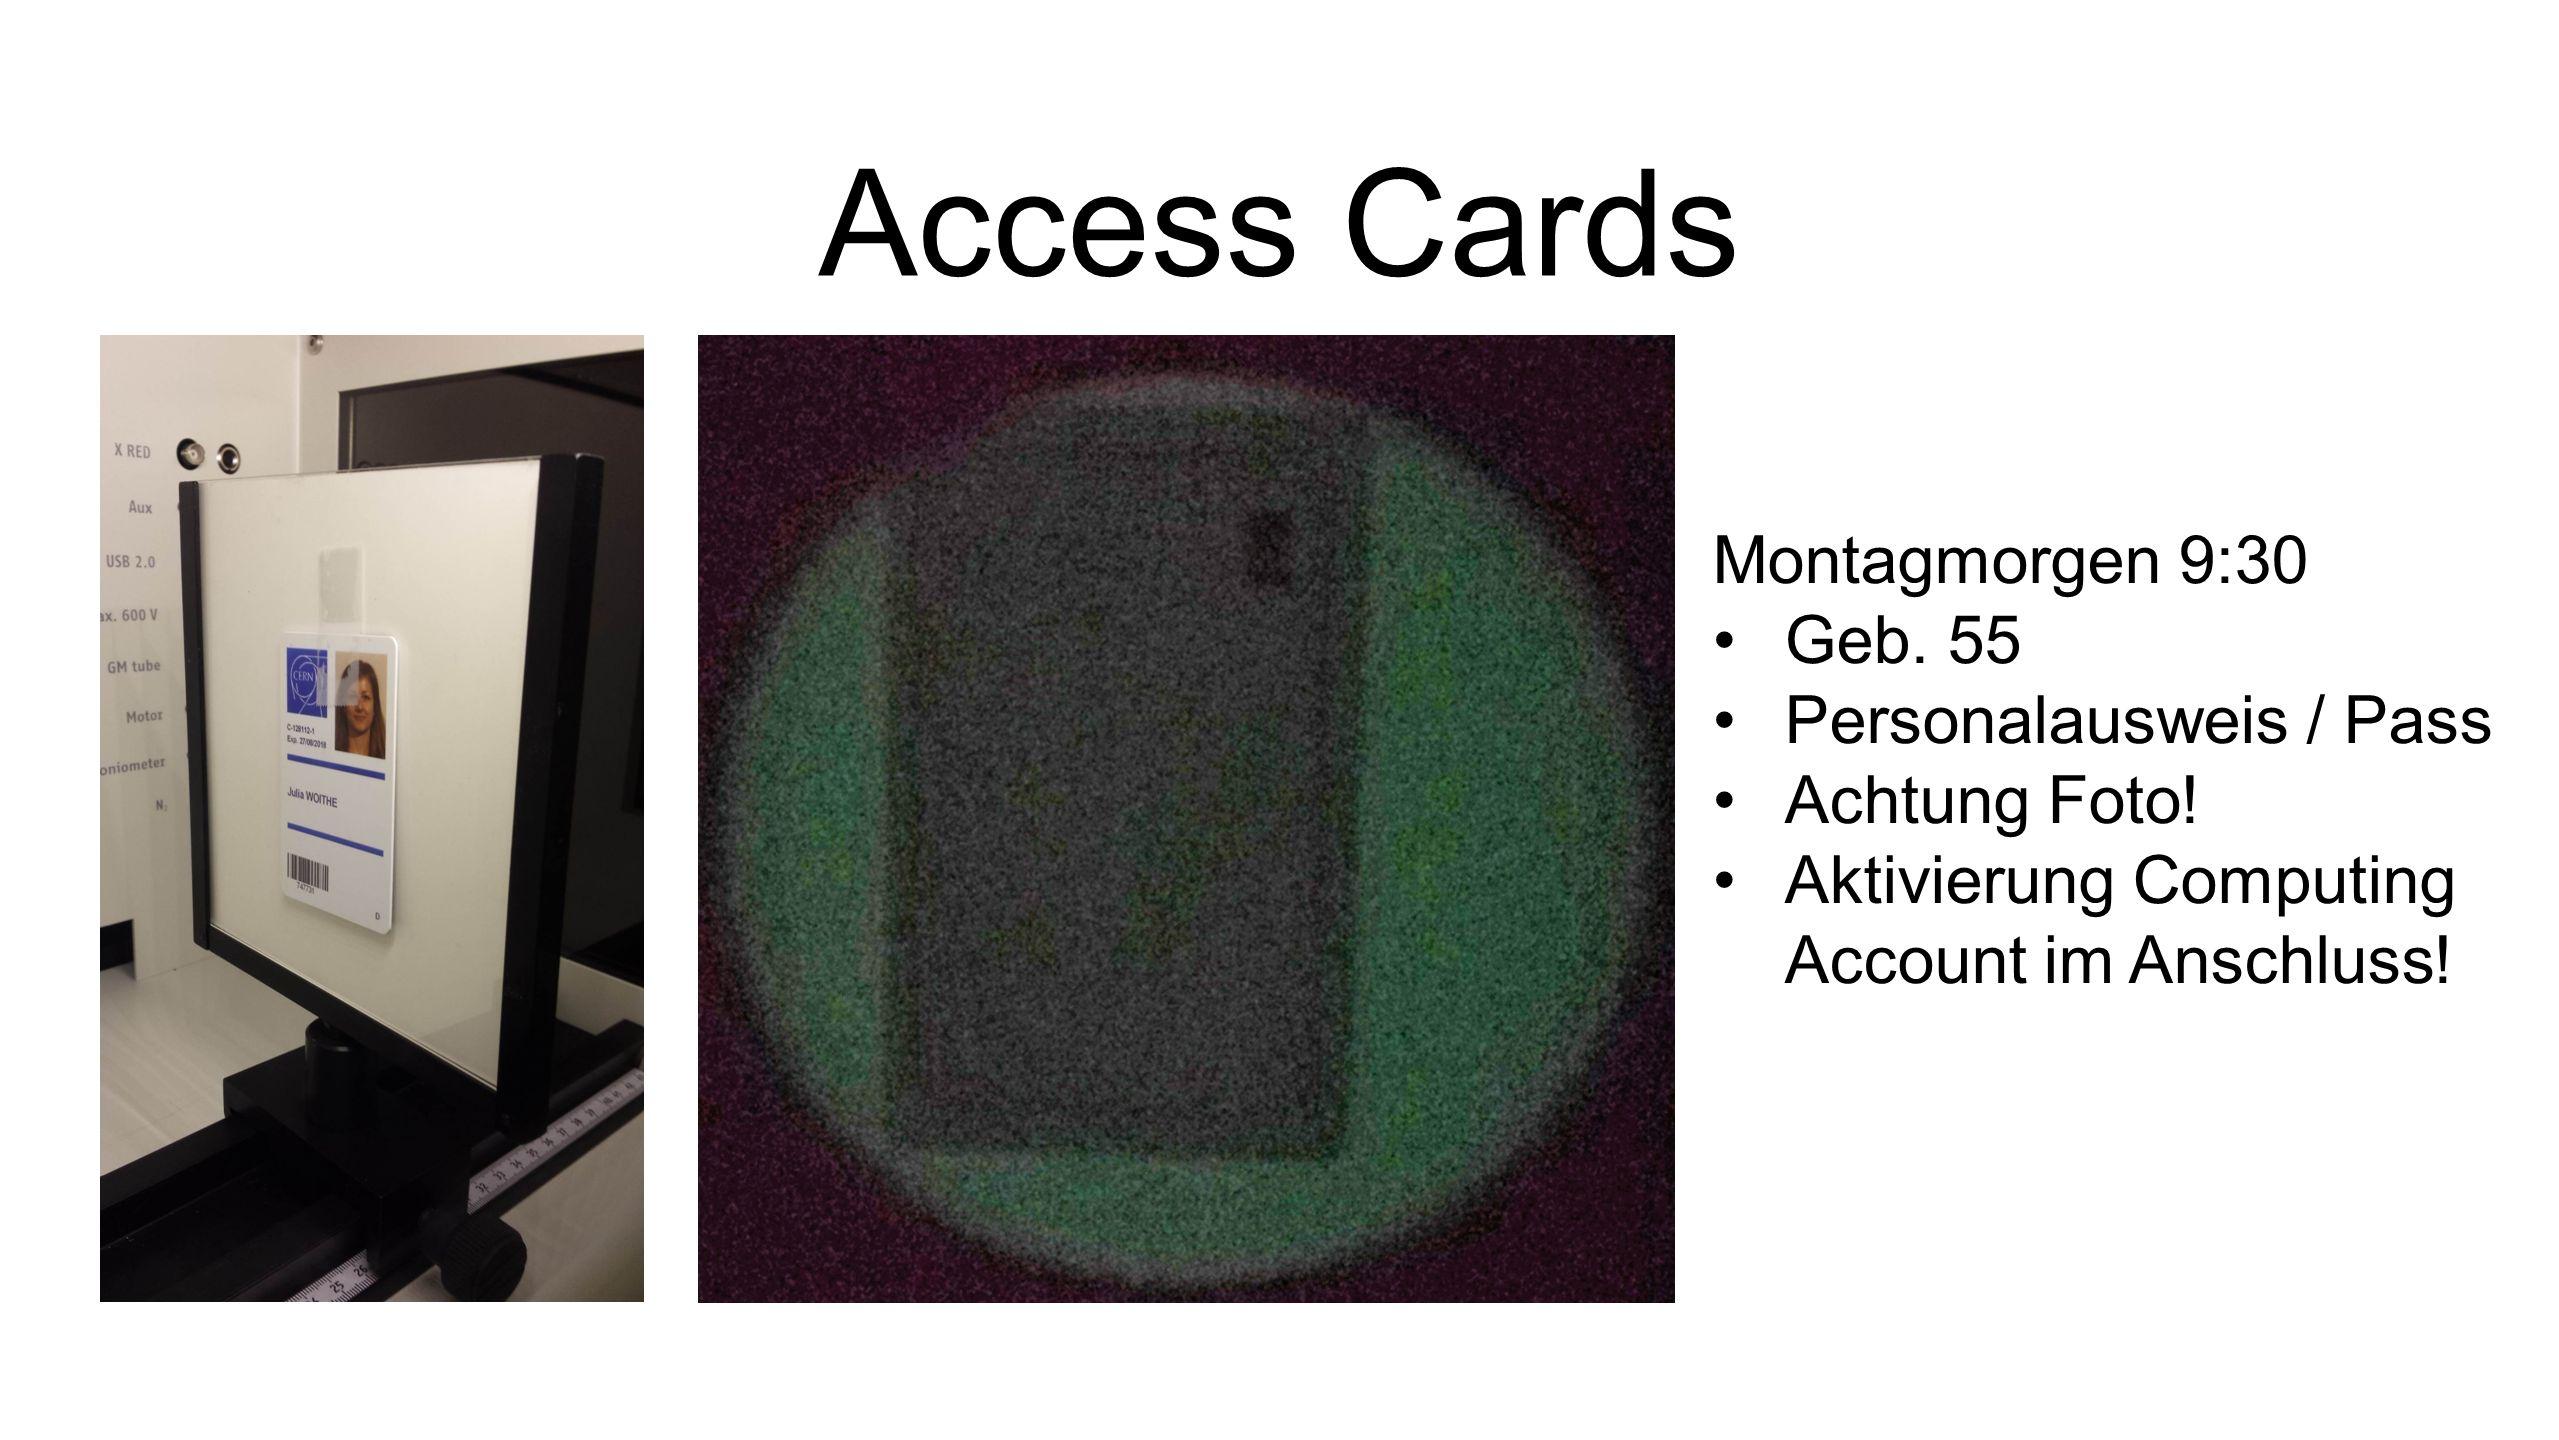 Access Cards Montagmorgen 9:30 Geb. 55 Personalausweis / Pass Achtung Foto! Aktivierung Computing Account im Anschluss!